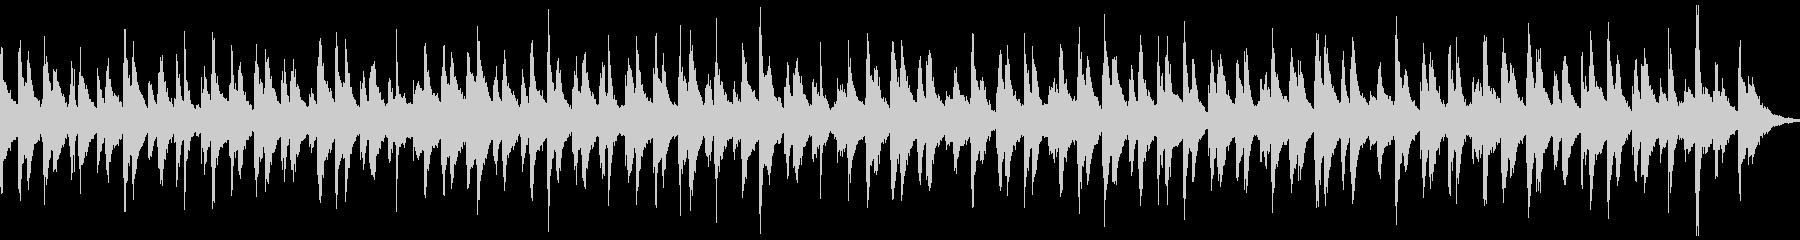 賑やかなお囃子(ループ)の未再生の波形